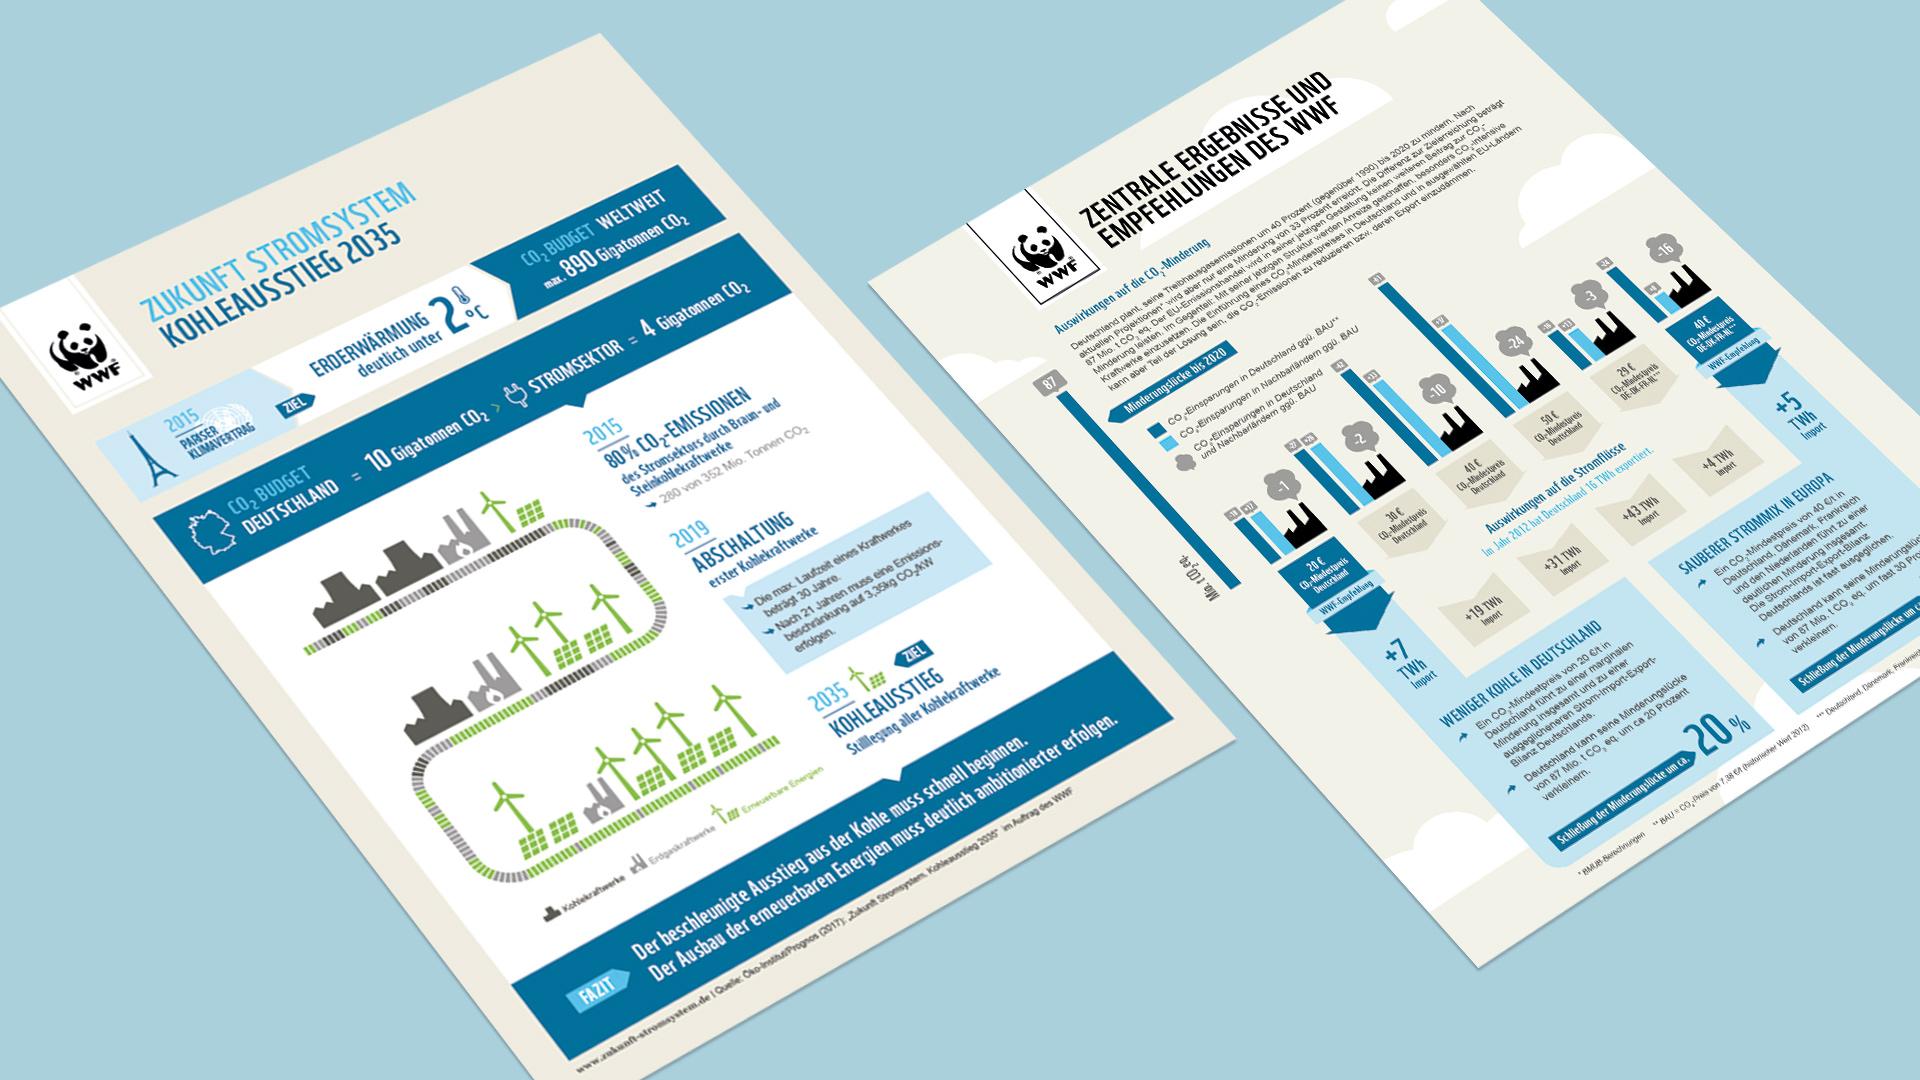 publicgarden Infografik | WWF: Kohleausstieg und CO2-Studie